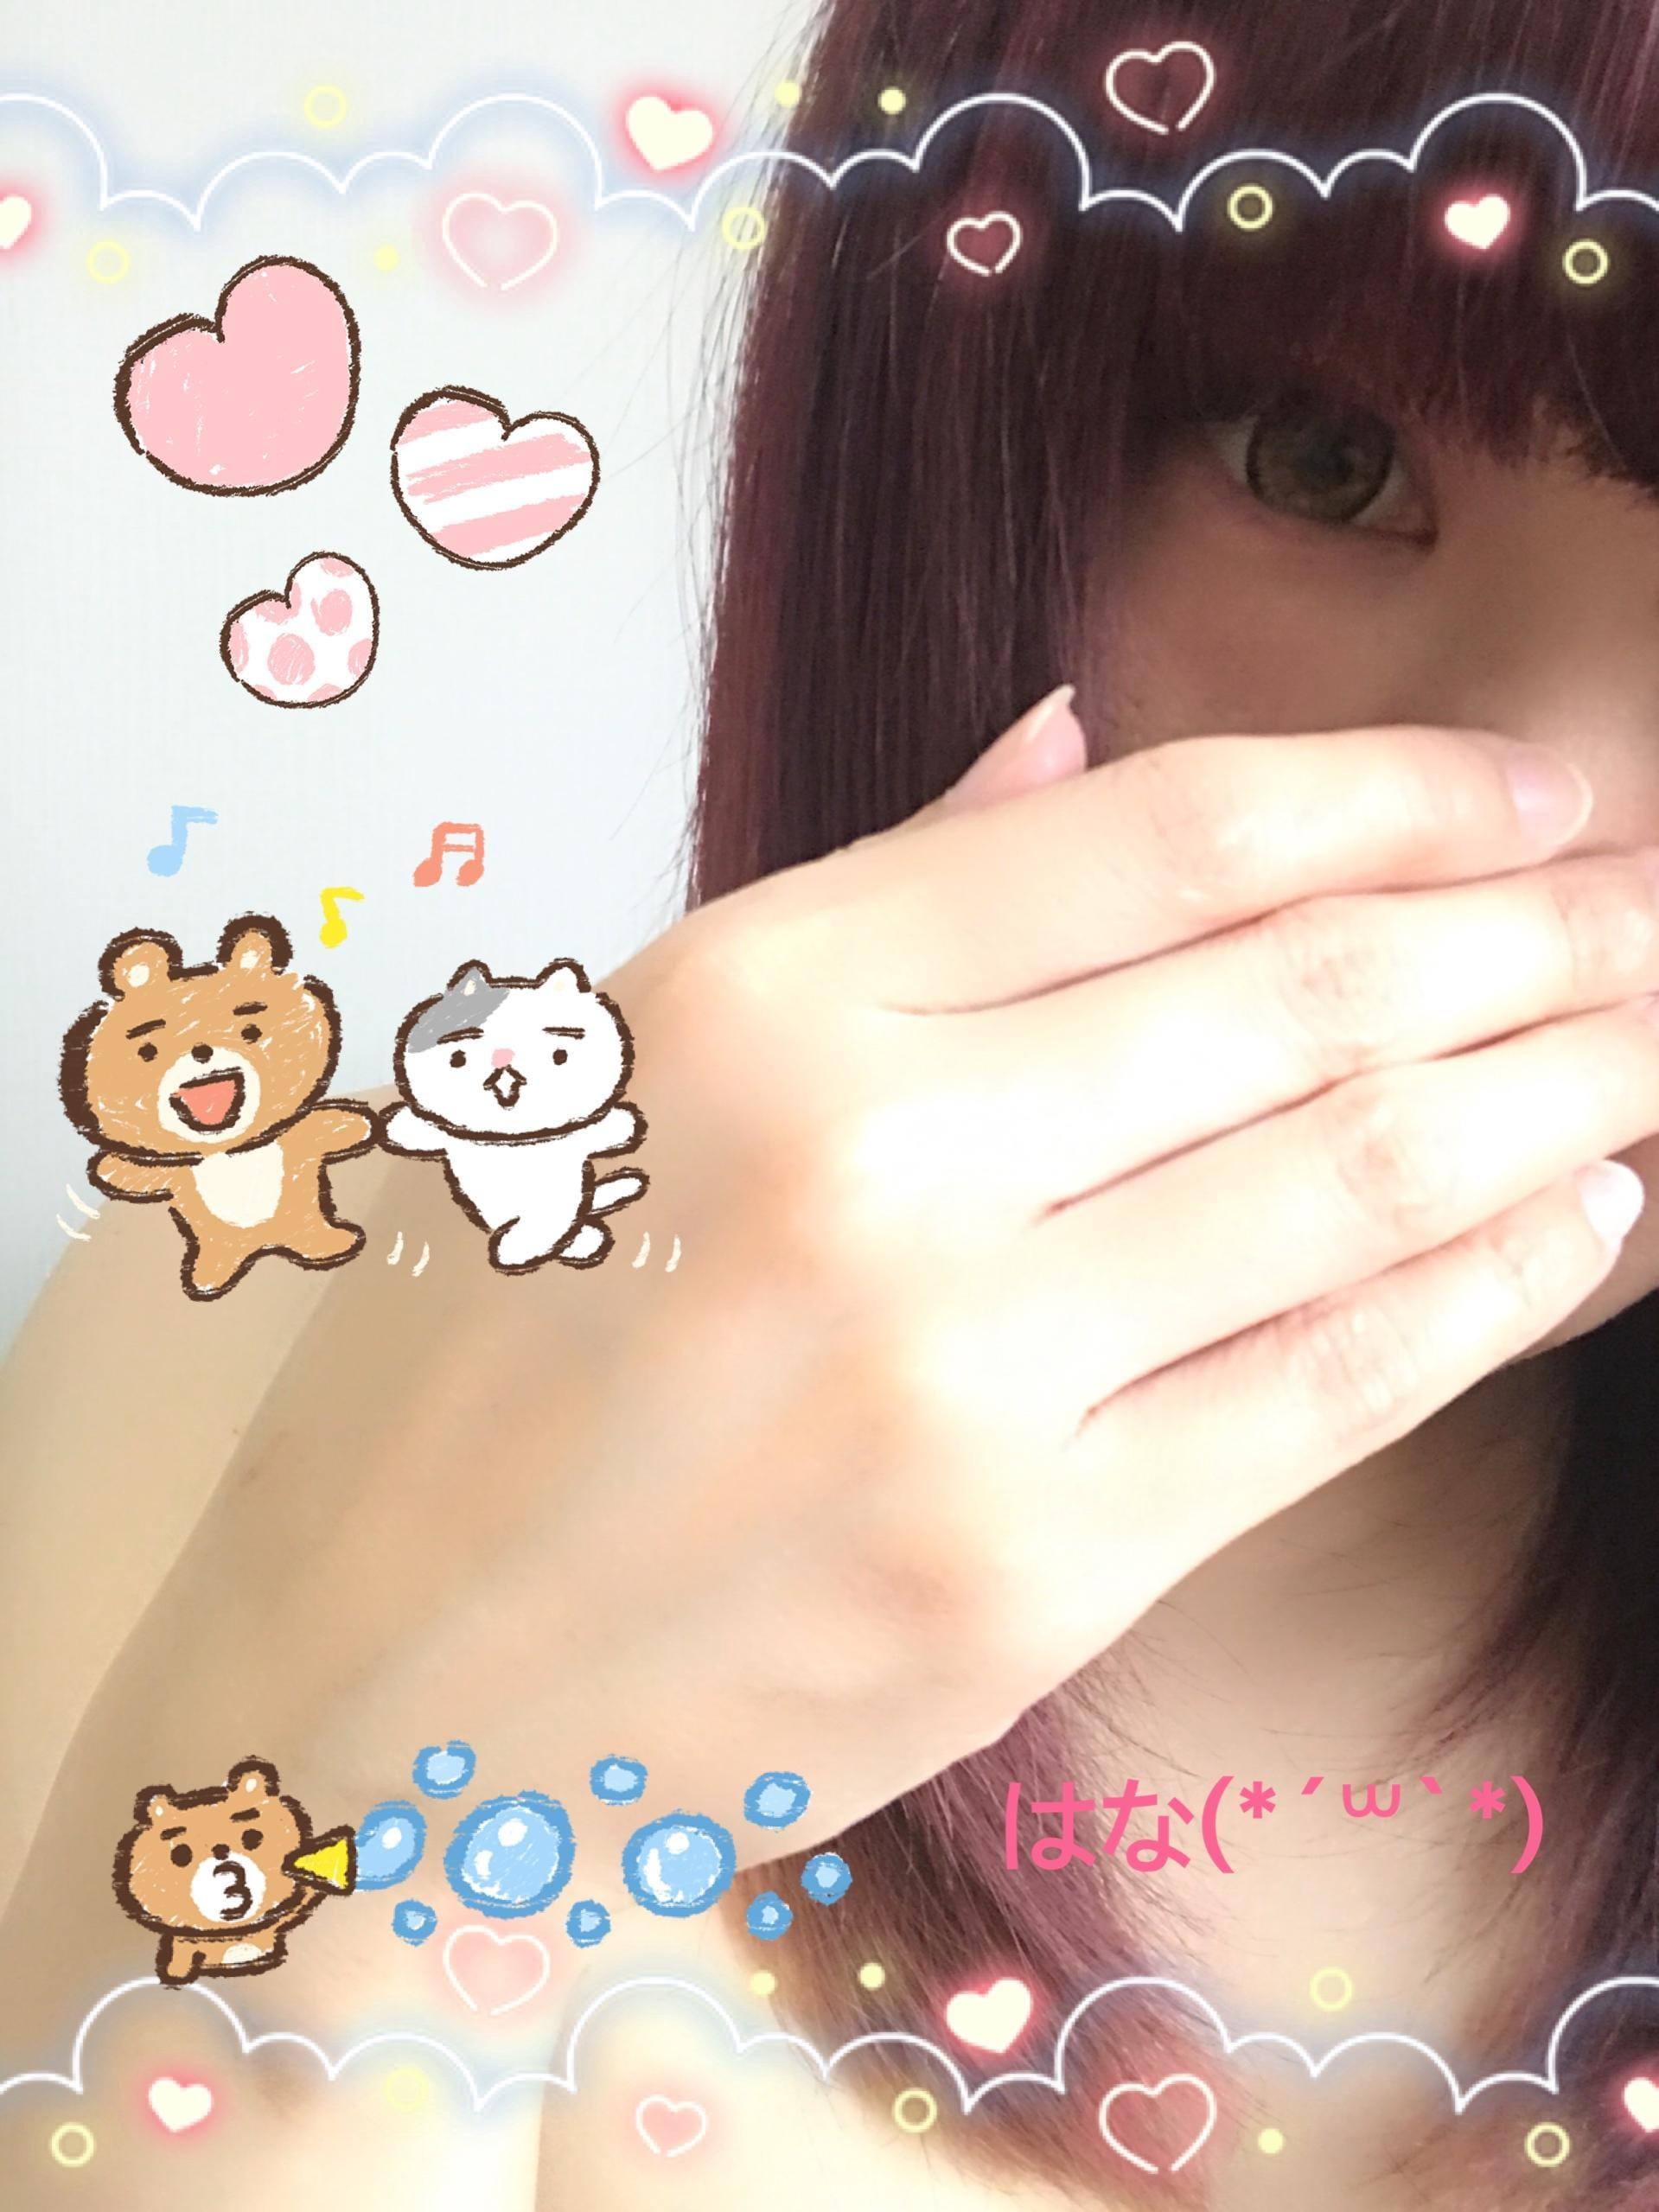 「こんにちは」05/25(05/25) 18:06 | はなの写メ・風俗動画